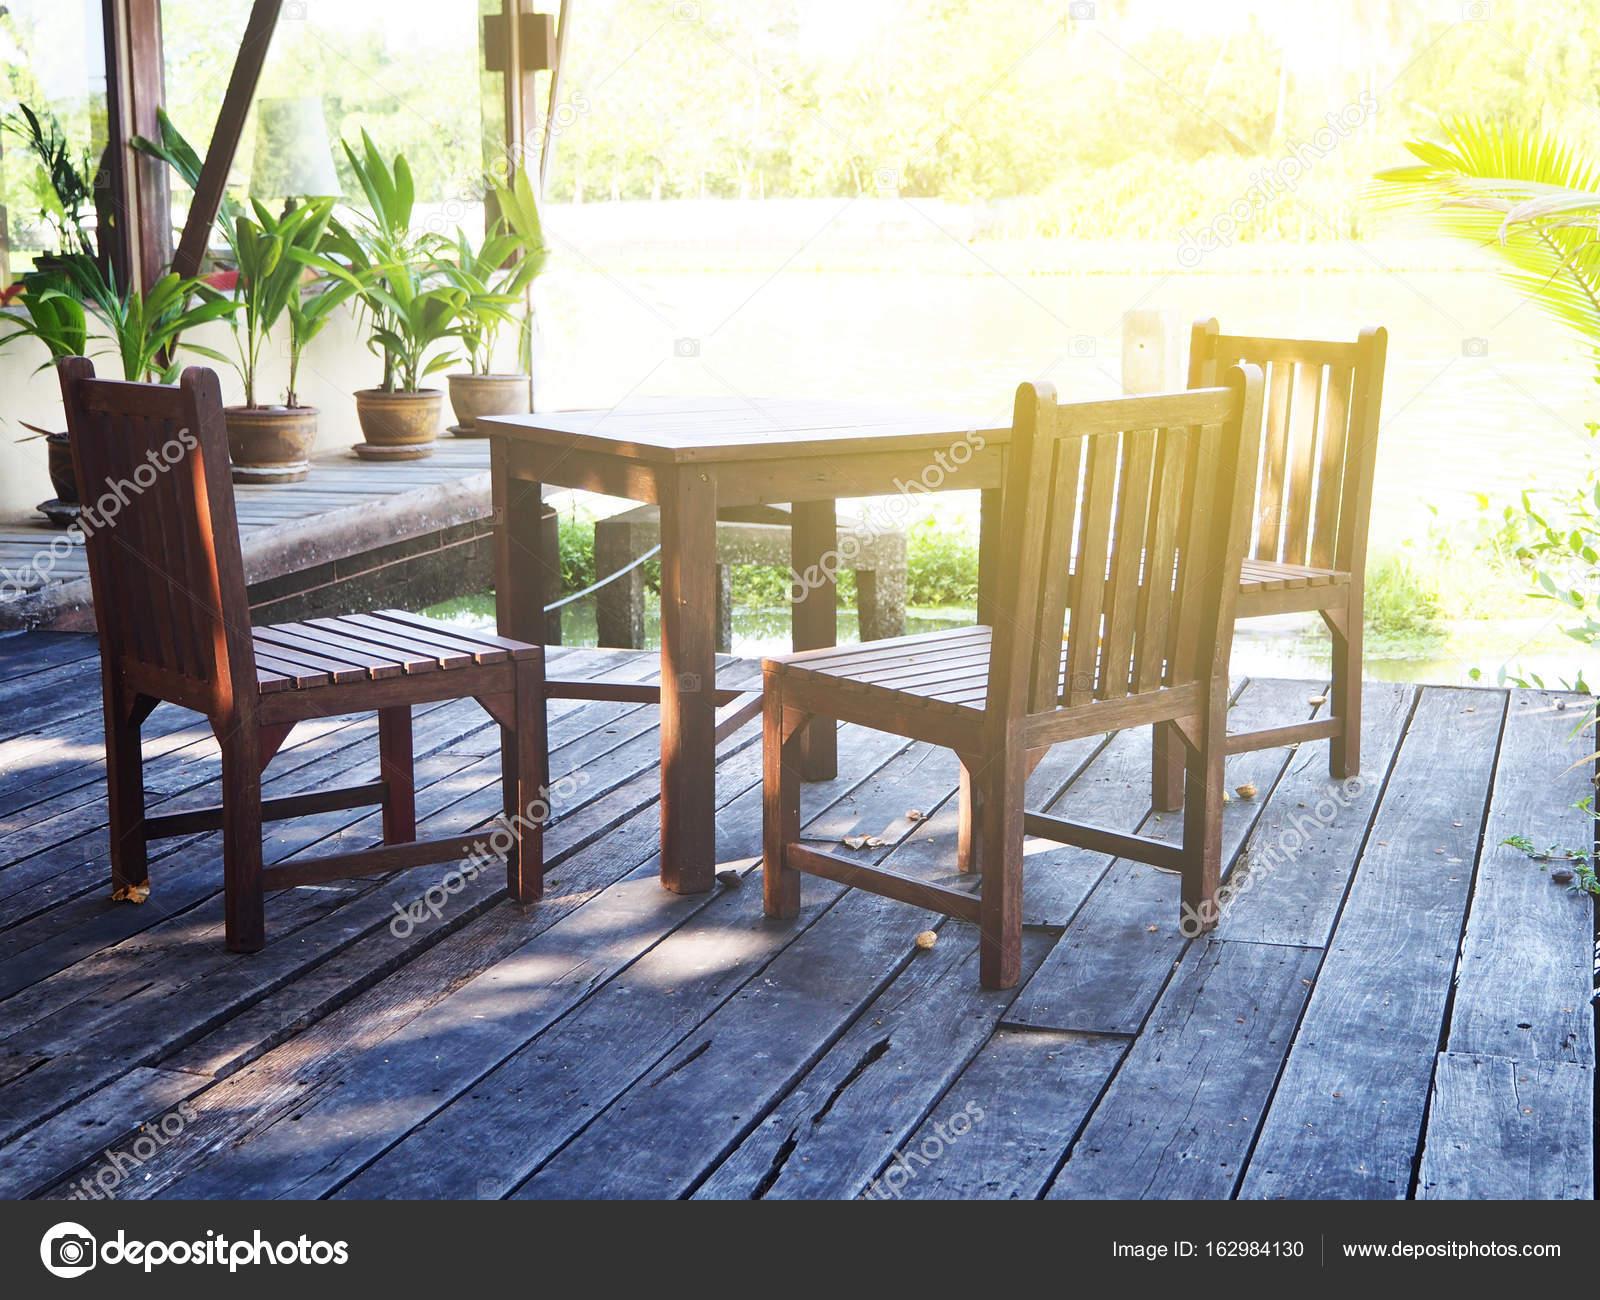 Holz Tisch Im Garten Mit Licht U2014 Stockfoto